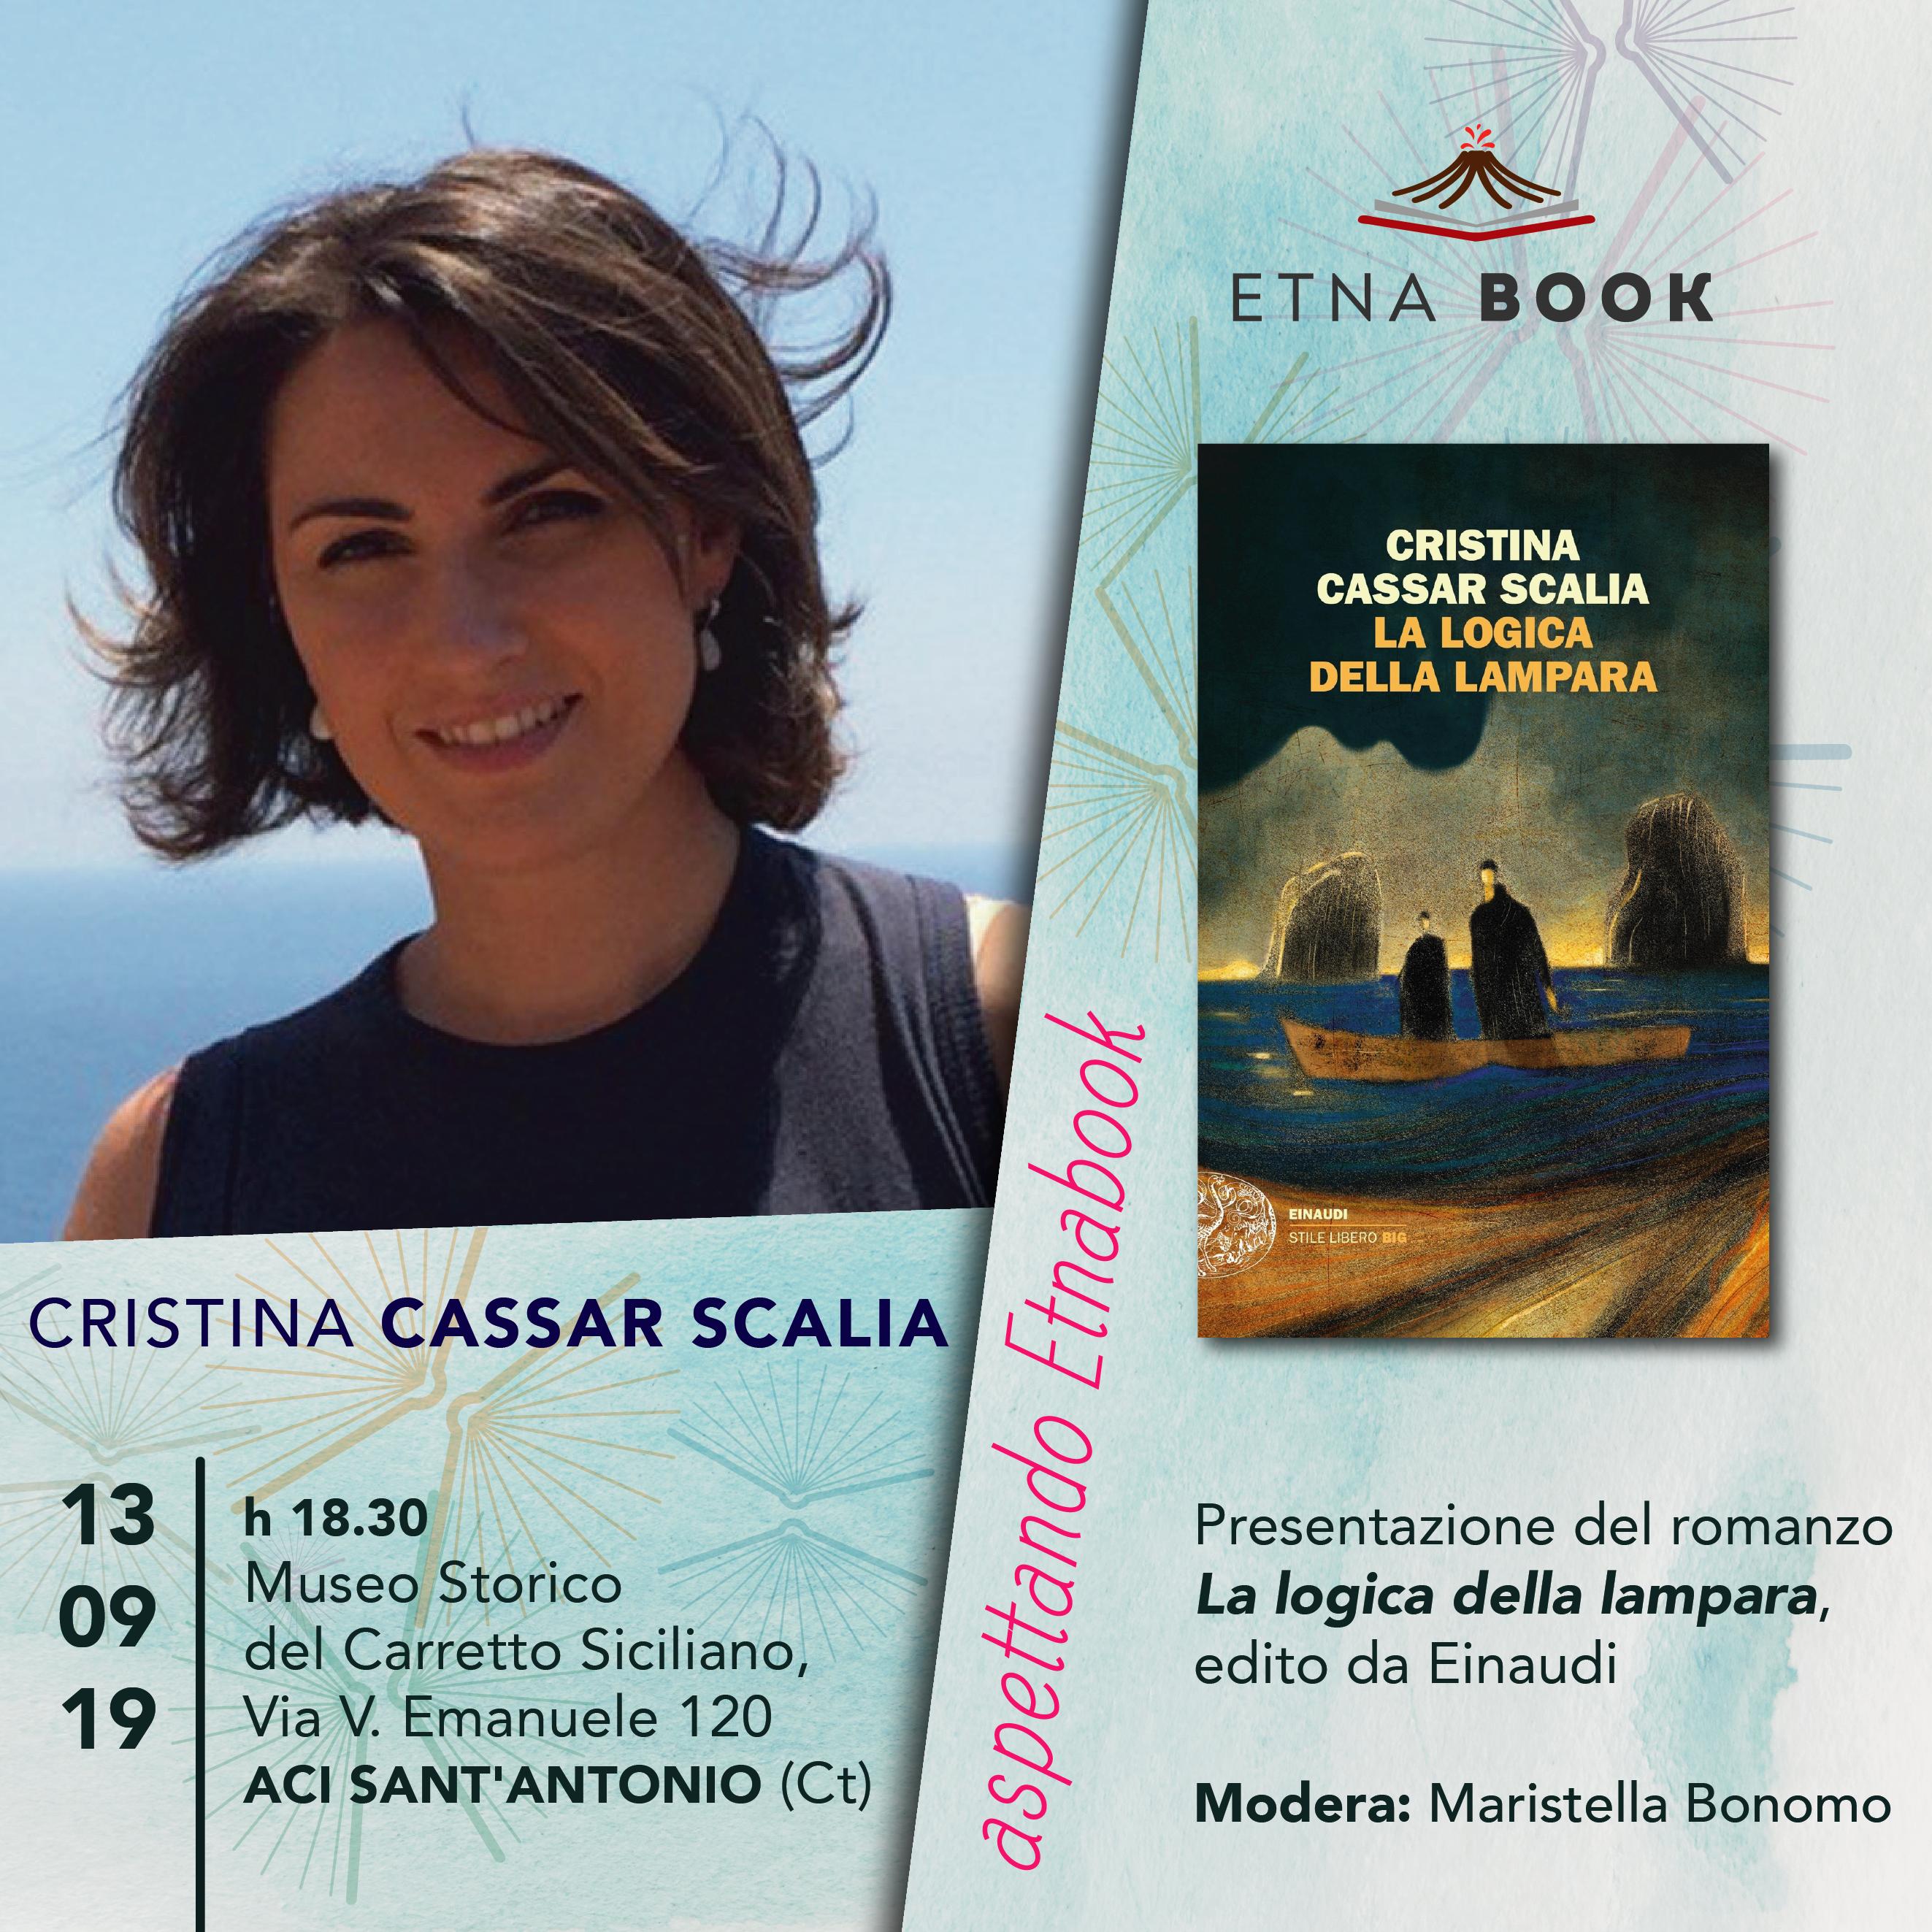 Aspettando Etnabook: la scrittrice Cristina Cassar Scalia presenta il romanzo dal titolo La logica della lampara